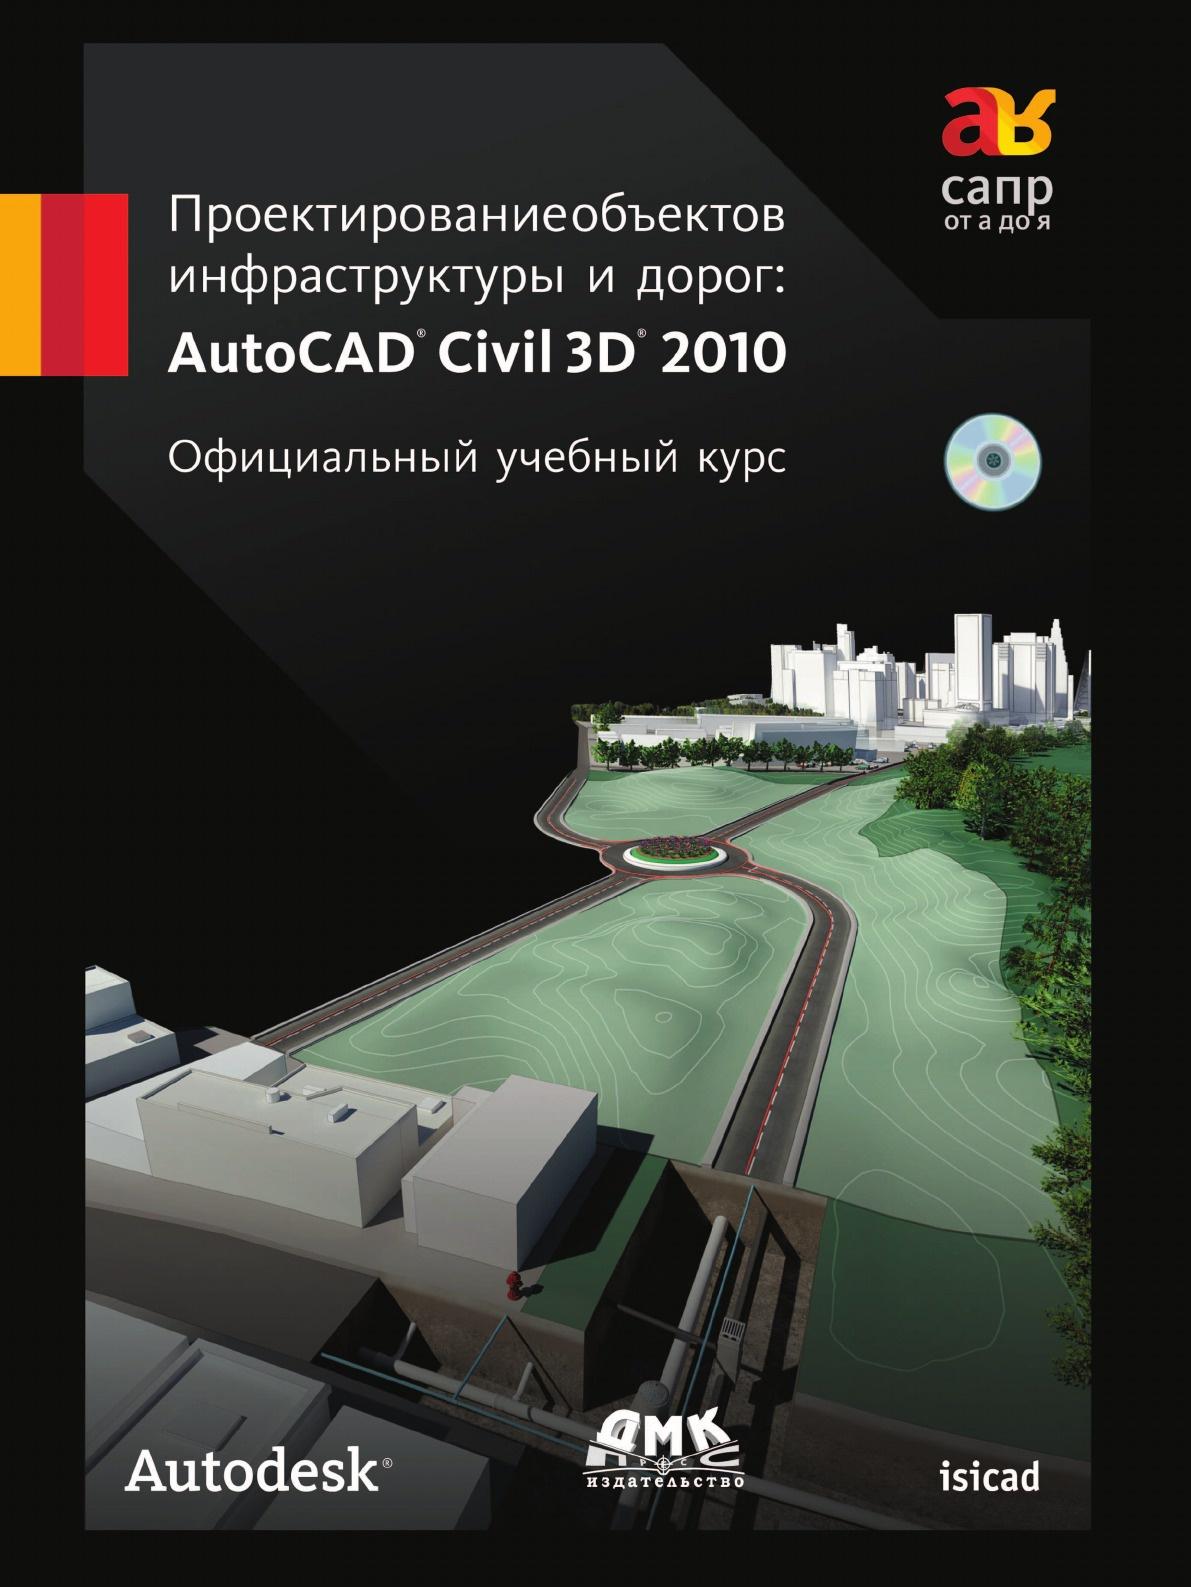 Проектирование объектов инфраструктуры и дорог. AutoCAD Civil 3D 2010. Официальный учебный курс онстот с autocad 2014 и autocad lt 2014 официальный учебный курс